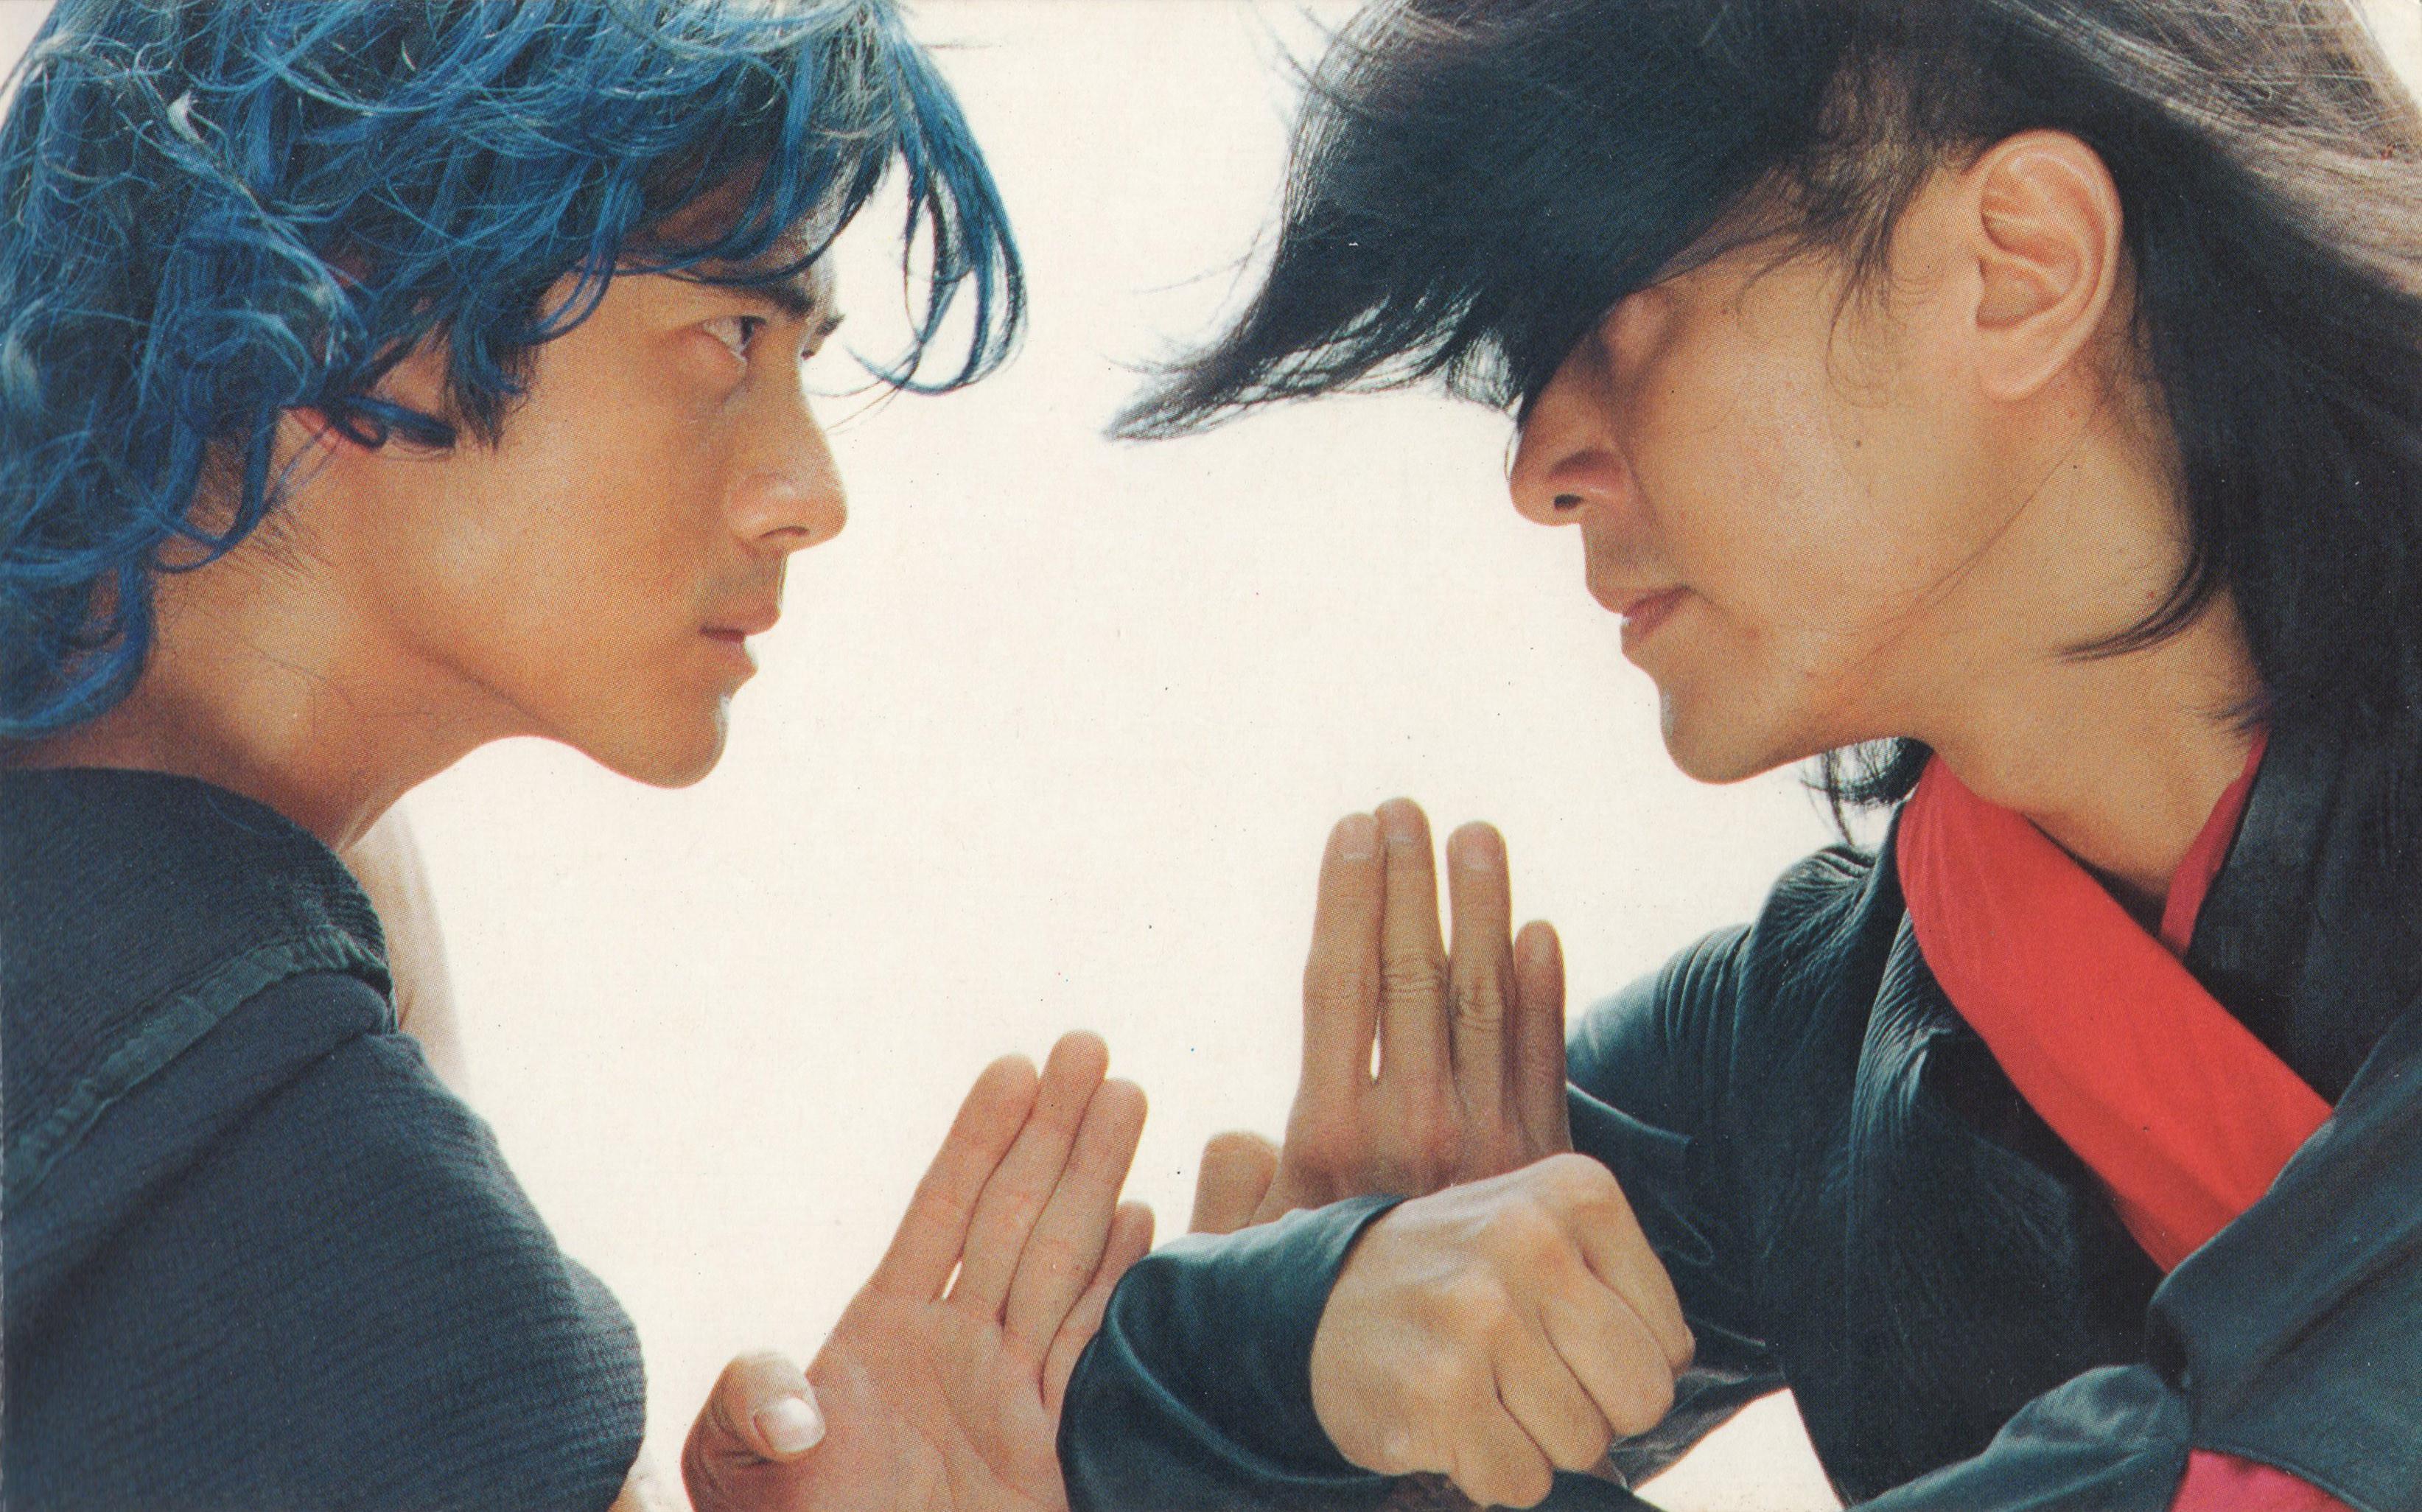 别光顾着看漫威DC了 中国漫改电影的历史也很辉煌!